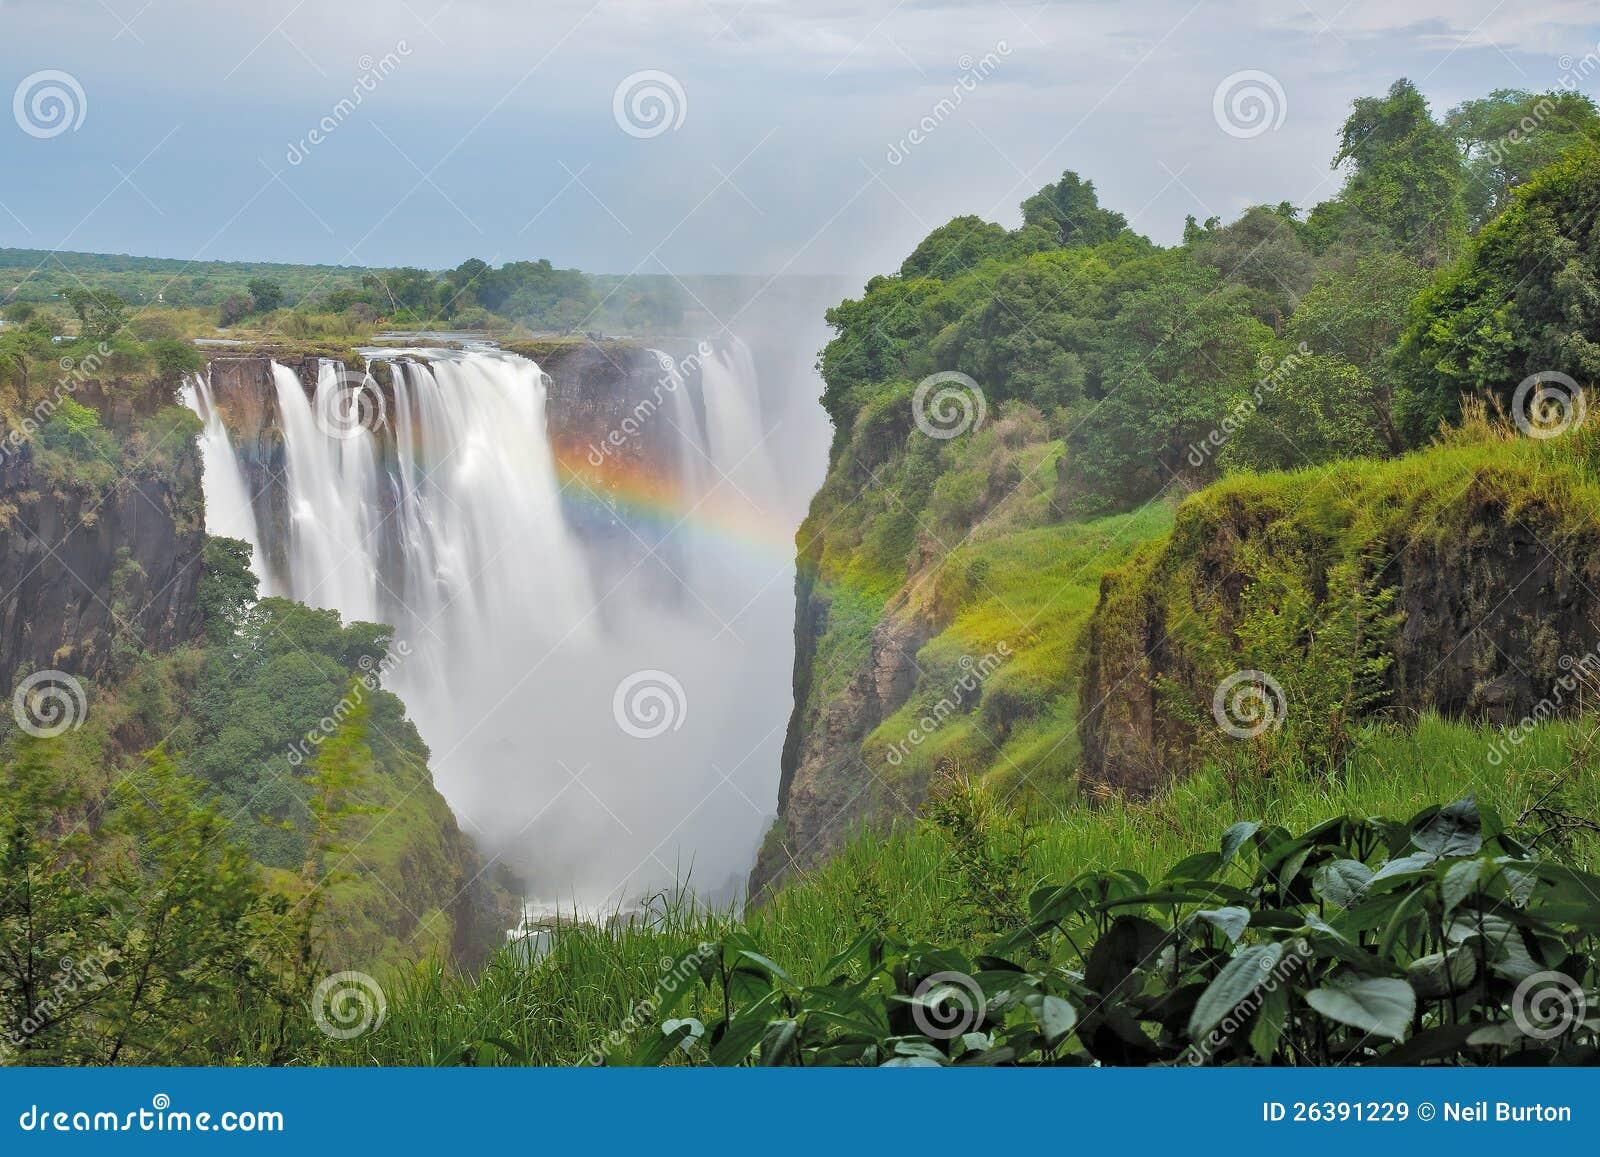 Вичториа Фаллс, Зимбабве